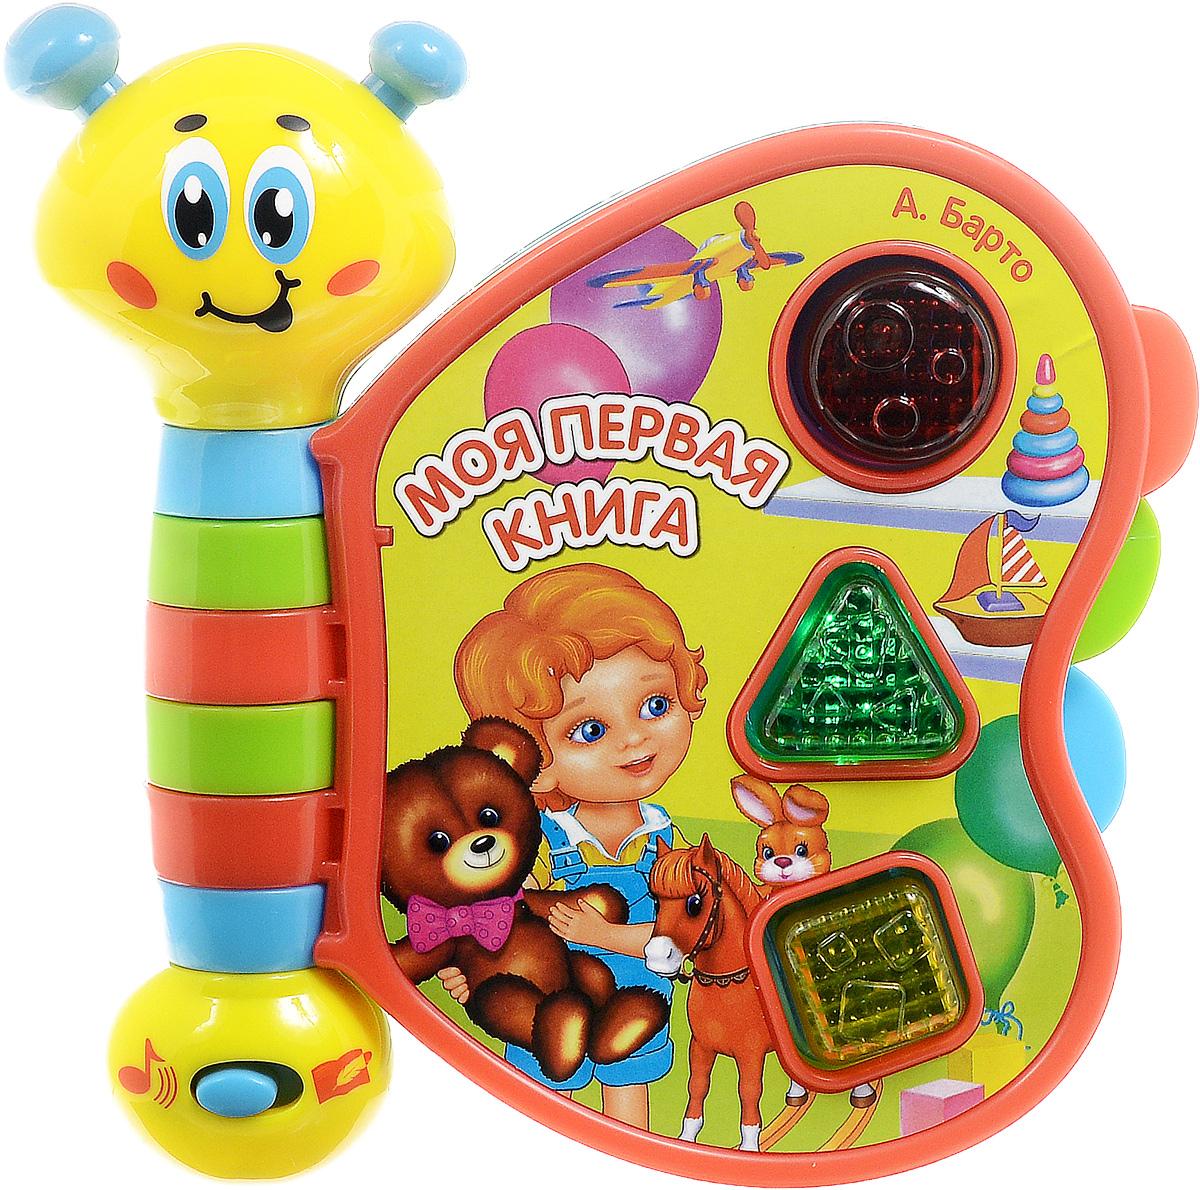 Умка Развивающая игрушка Моя первая книга3994T-RРазвивающая игрушка Умка Моя первая книга - лучший подарок для маленького ребенка. Ваш малыш разовьет музыкальные и сенсорные способности, наглядно-образное мышление и внимание. Забавные песенки из мультфильмов не позволят скучать малышу. Нажимая на кнопки различной формы и переворачивая страницы, он разовьет мелкую моторику и тактильные ощущения. Яркие картинки привлекут внимание и вызовут интерес к игре. В книгу входят девять стихотворений Агнии Барто и три песни из мультфильмов. Рекомендуется докупить 3 батарейки напряжением 1,5V типа ААА (товар комплектуется демонстрационными).